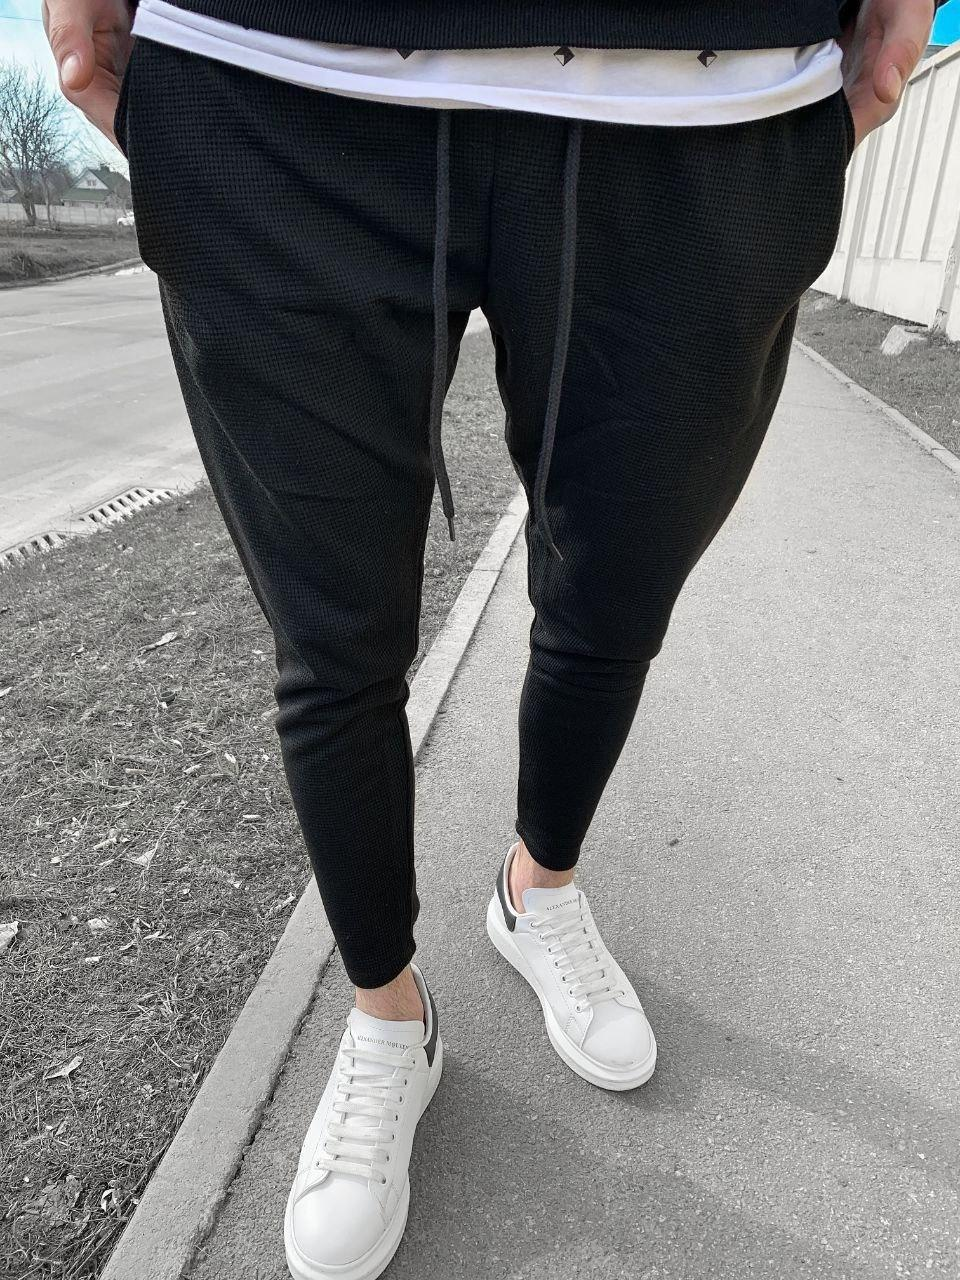 😜Спортивні штани - чоловічі штани-спортивки чорного кольору